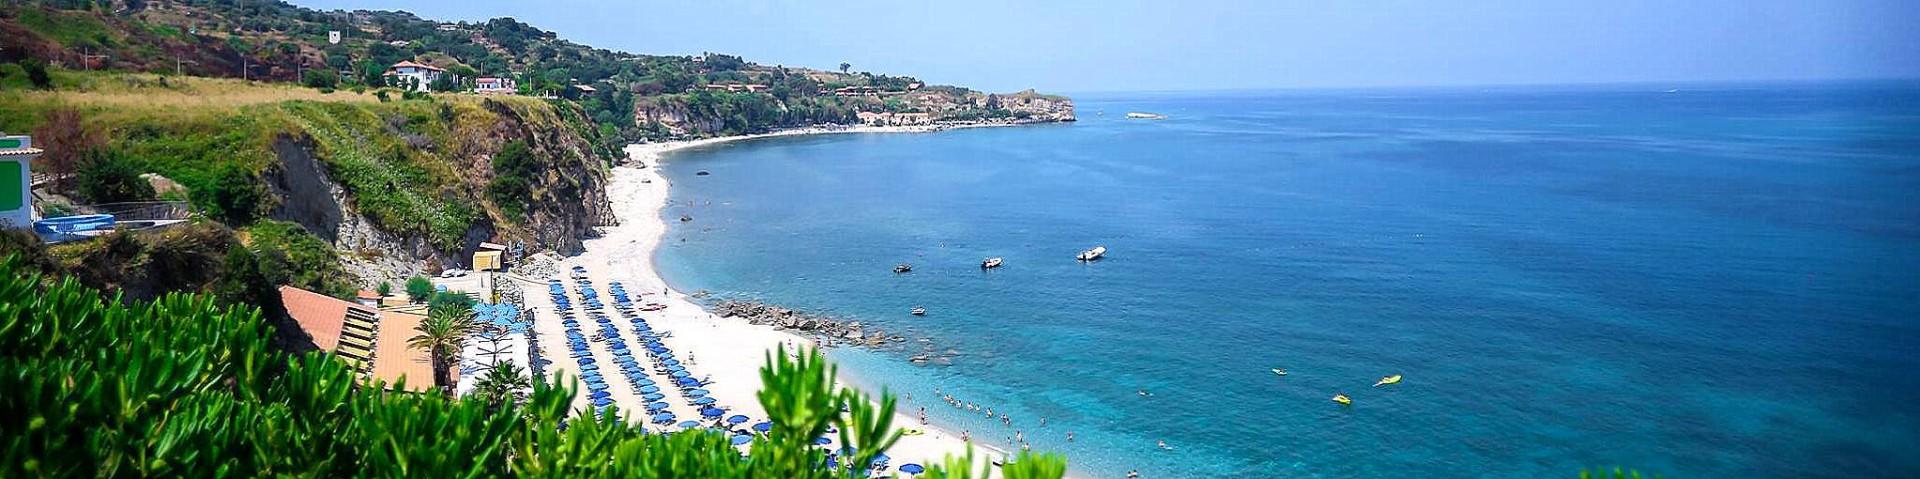 Briatico, pohled na nejznámější pláž, Lido San Giuseppe